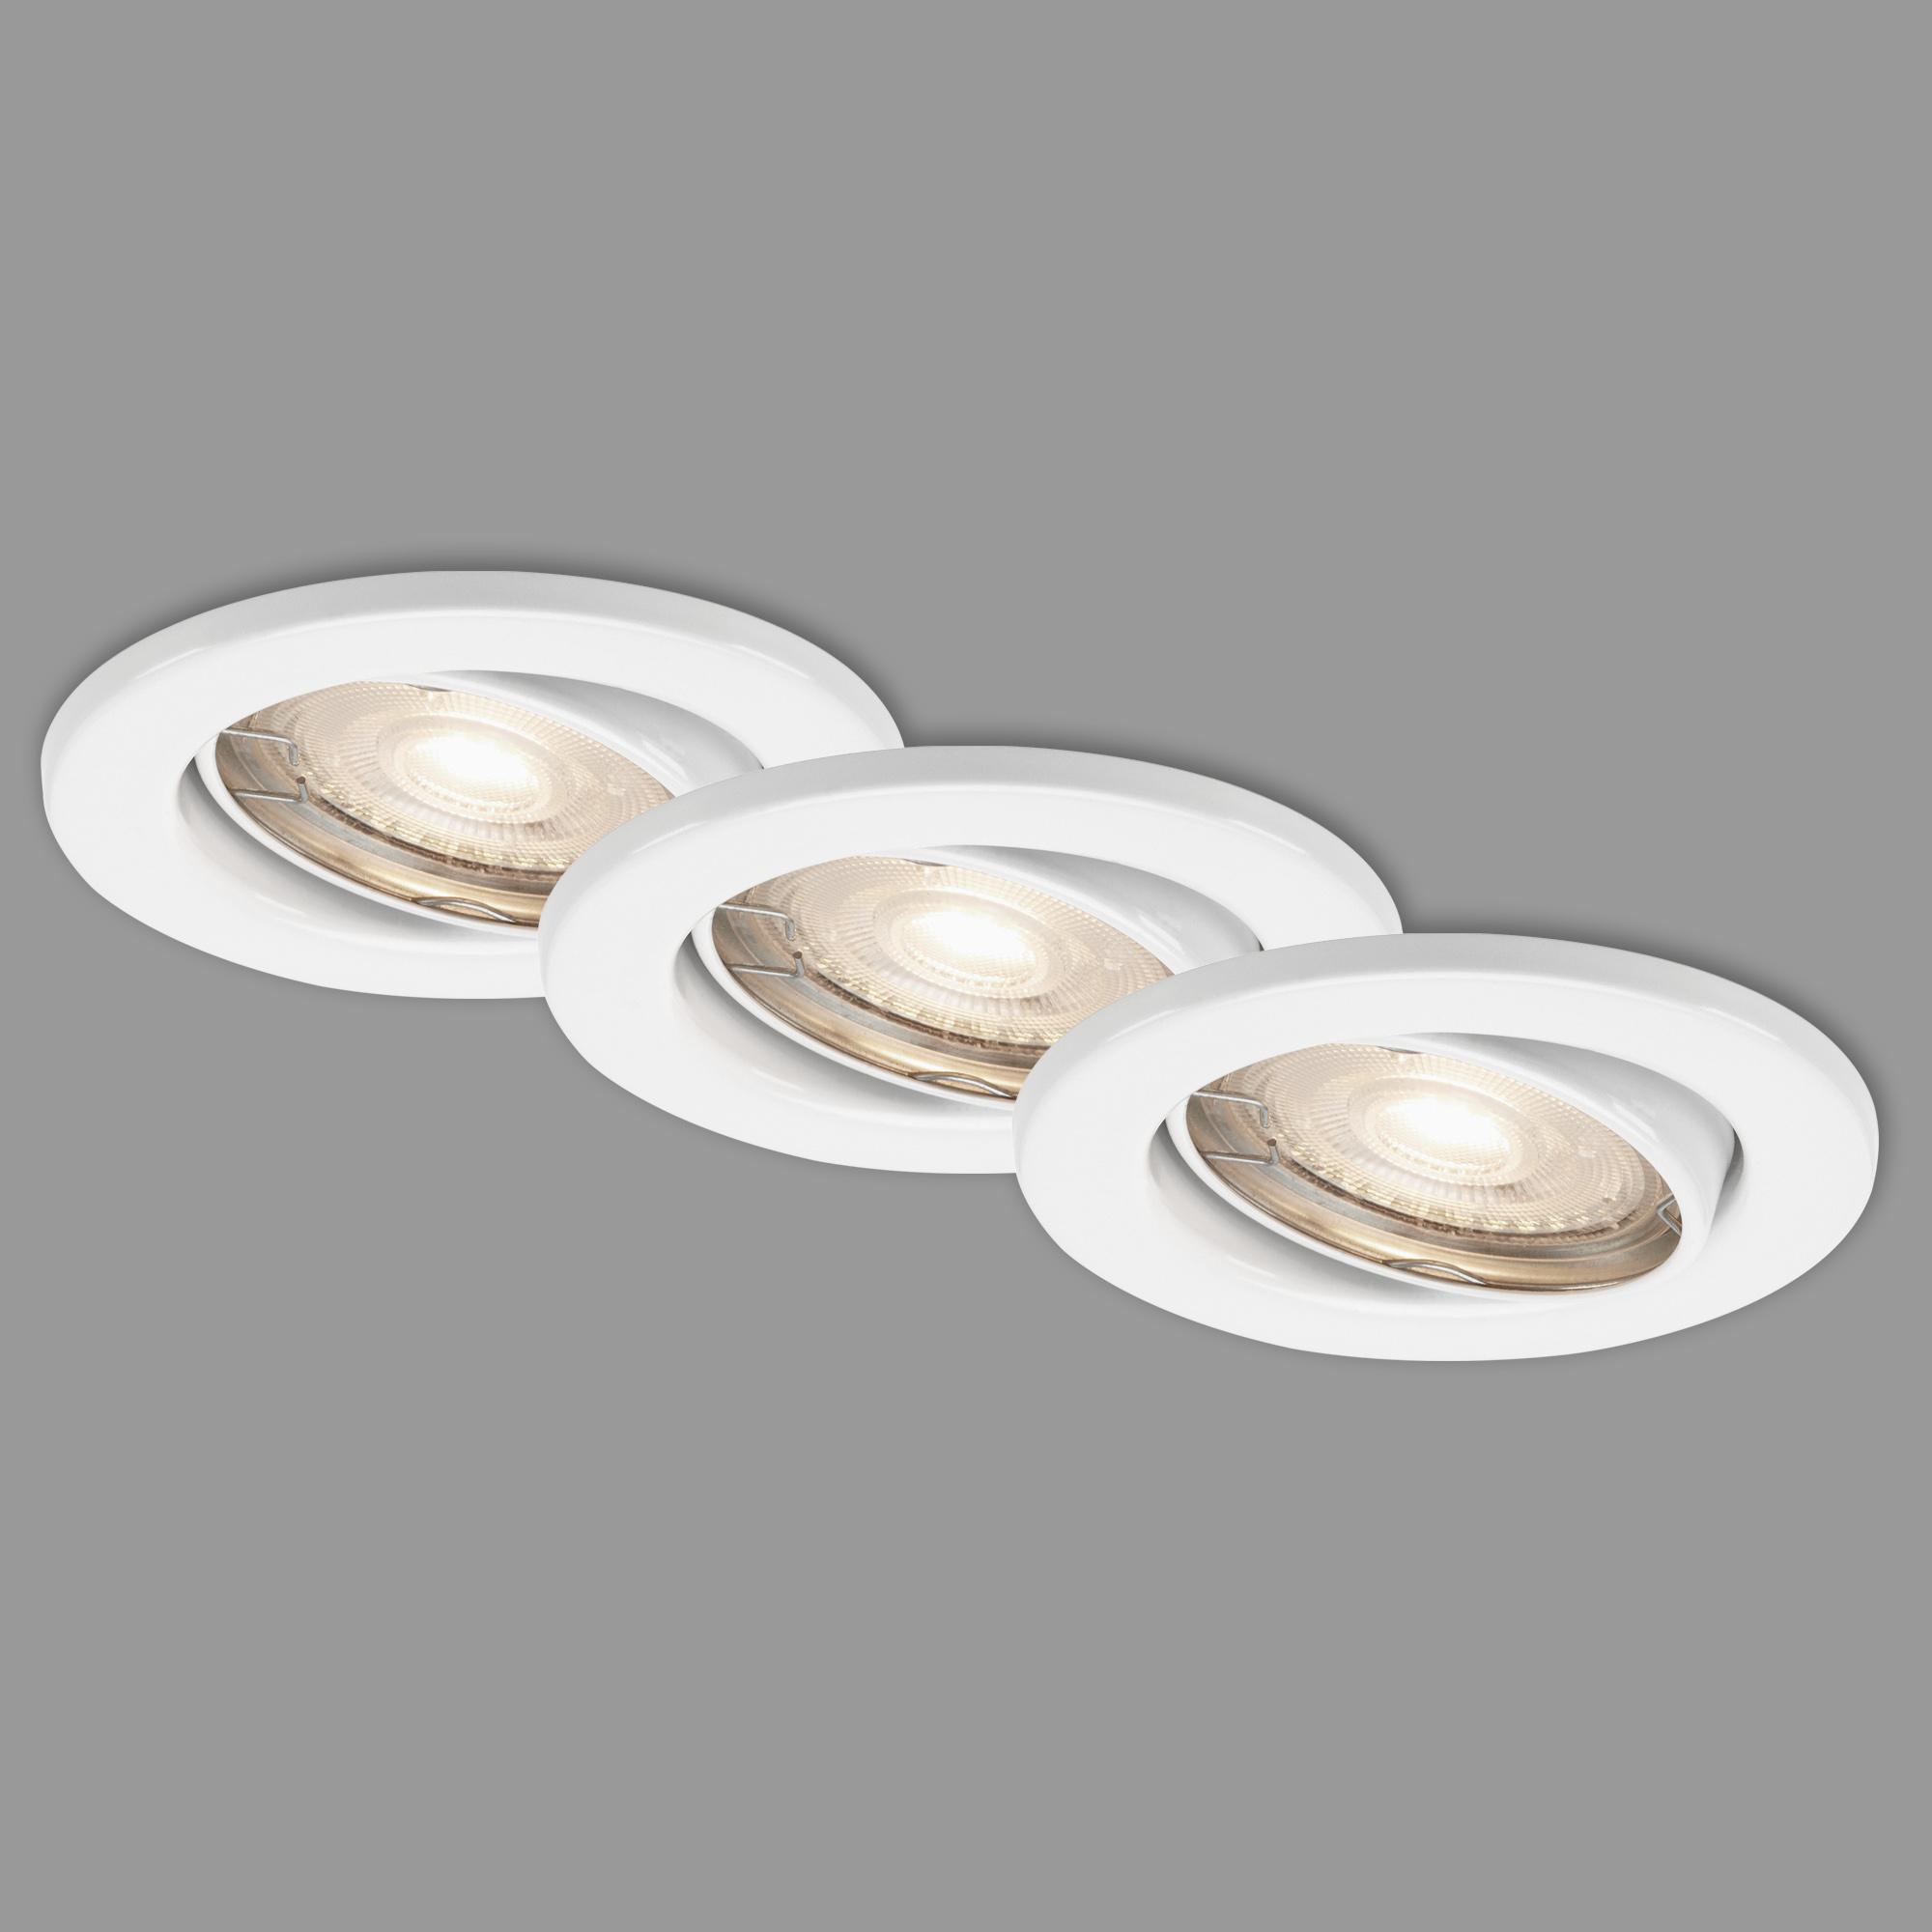 3er LED Einbauleuchte, Ø 8,6 cm, 5 W, Weiss